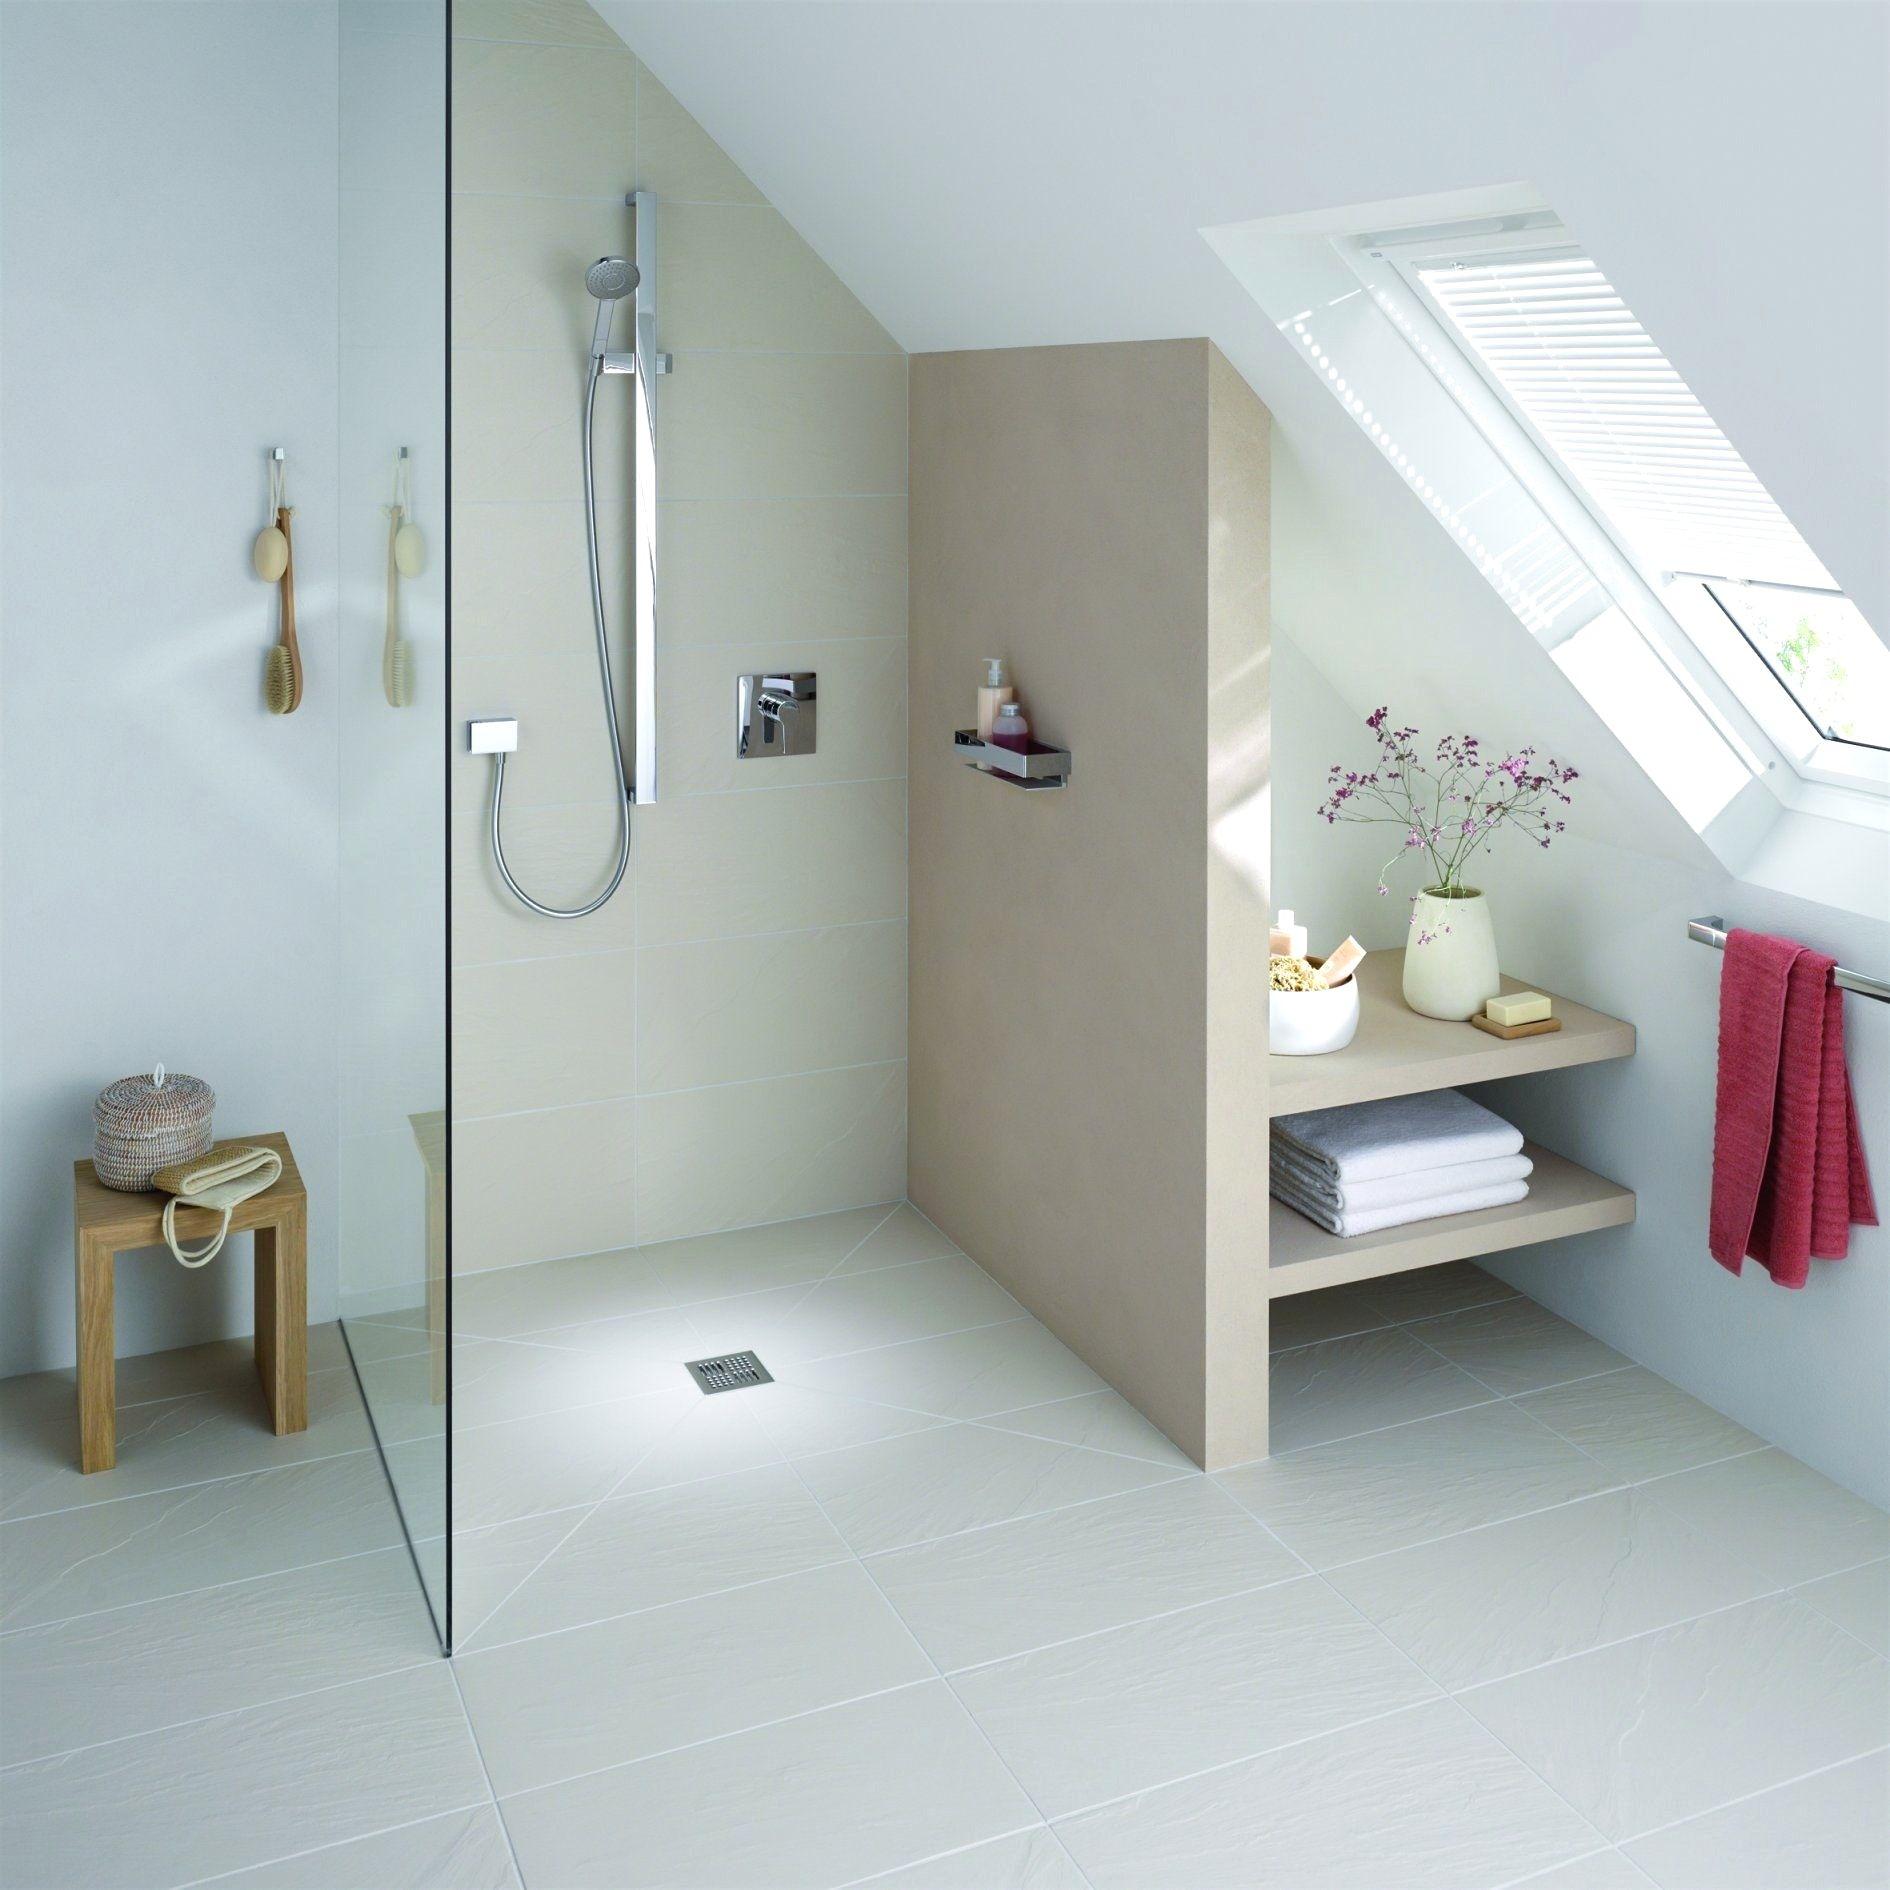 Badezimmer designs klein badezimmer klein mit schräge  einrichtung  pinterest  interiors